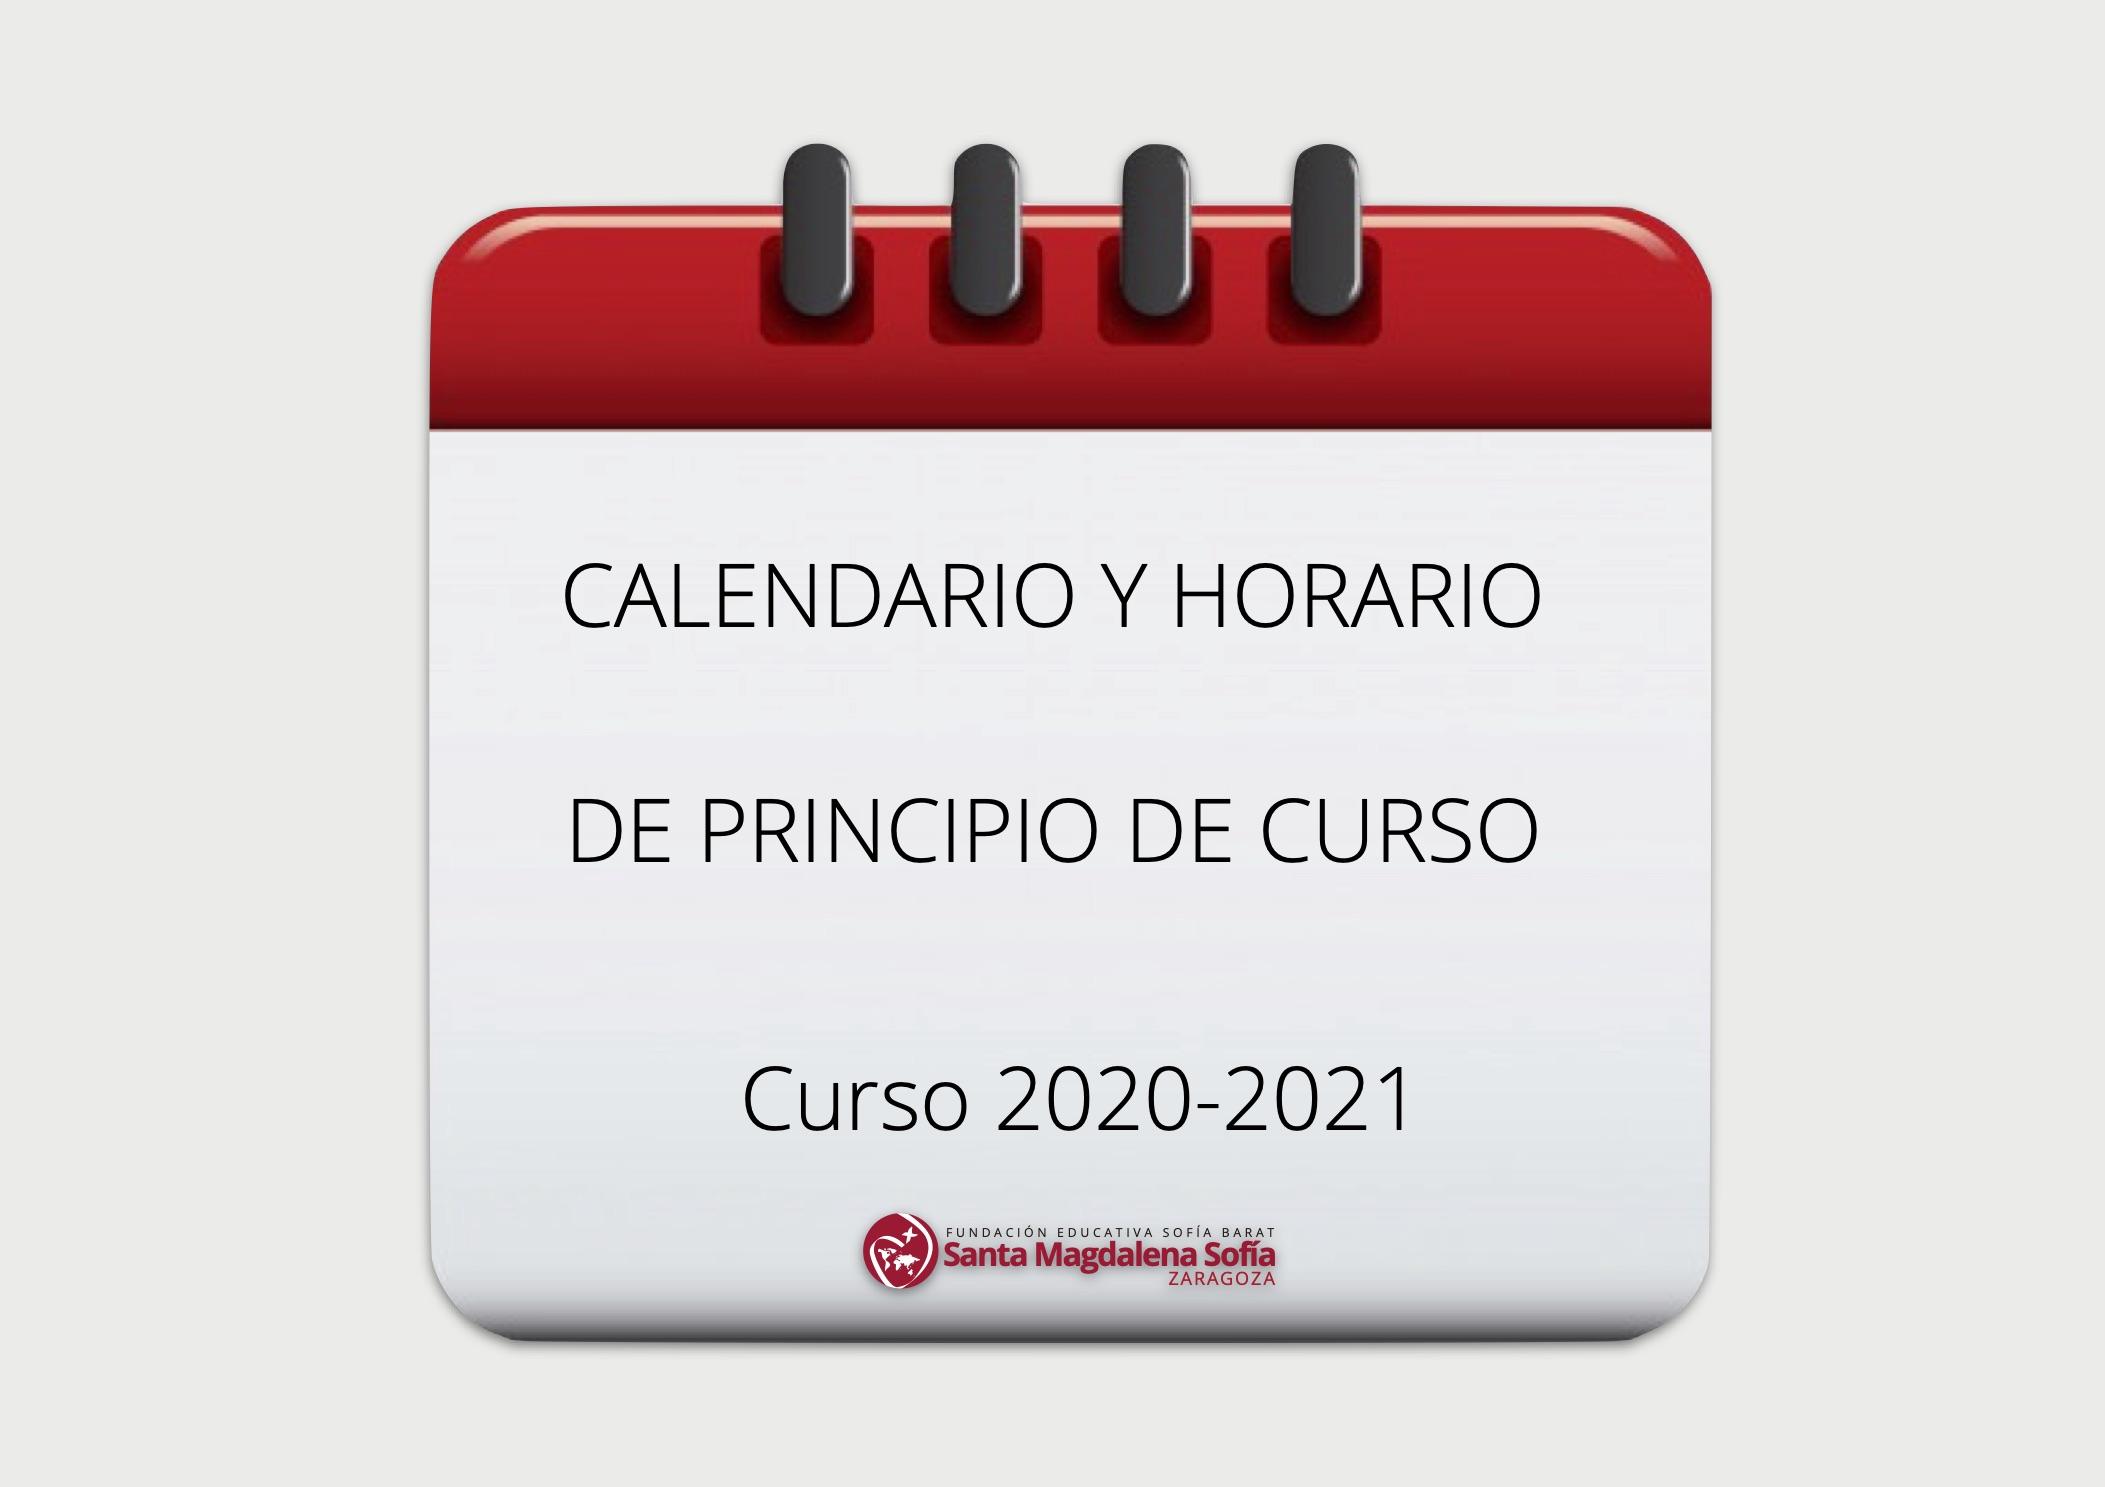 Calendario y horario de principio de curso